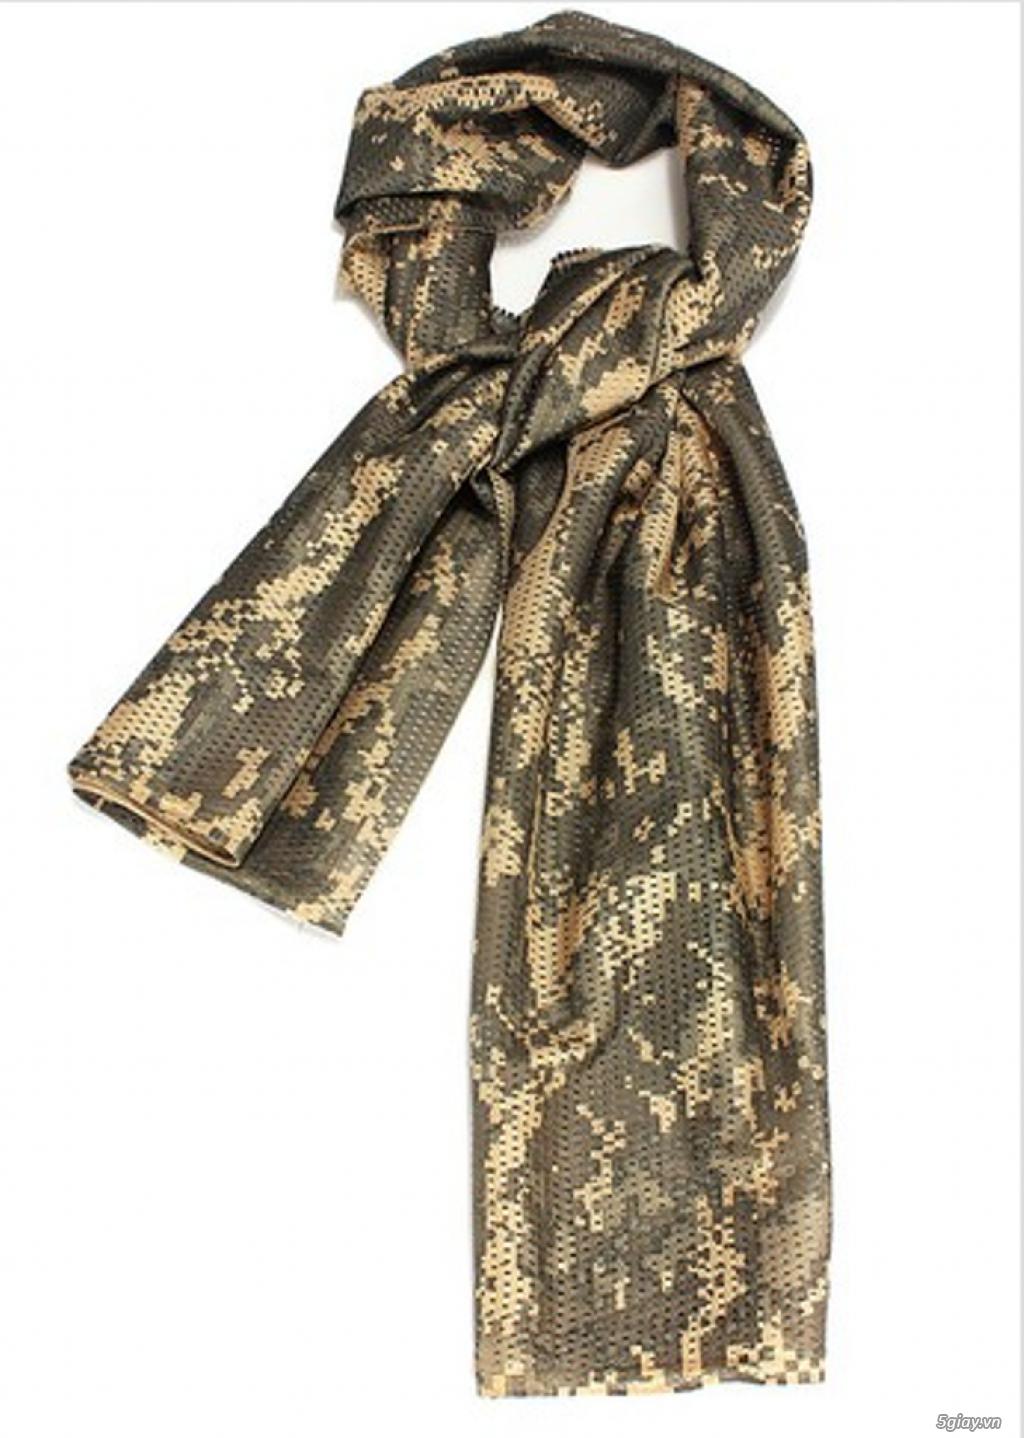 Chuyên bán dây nịt lính Mỹ US, dây nịt vải bố, thắt lưng vải mặt nhựa - 42